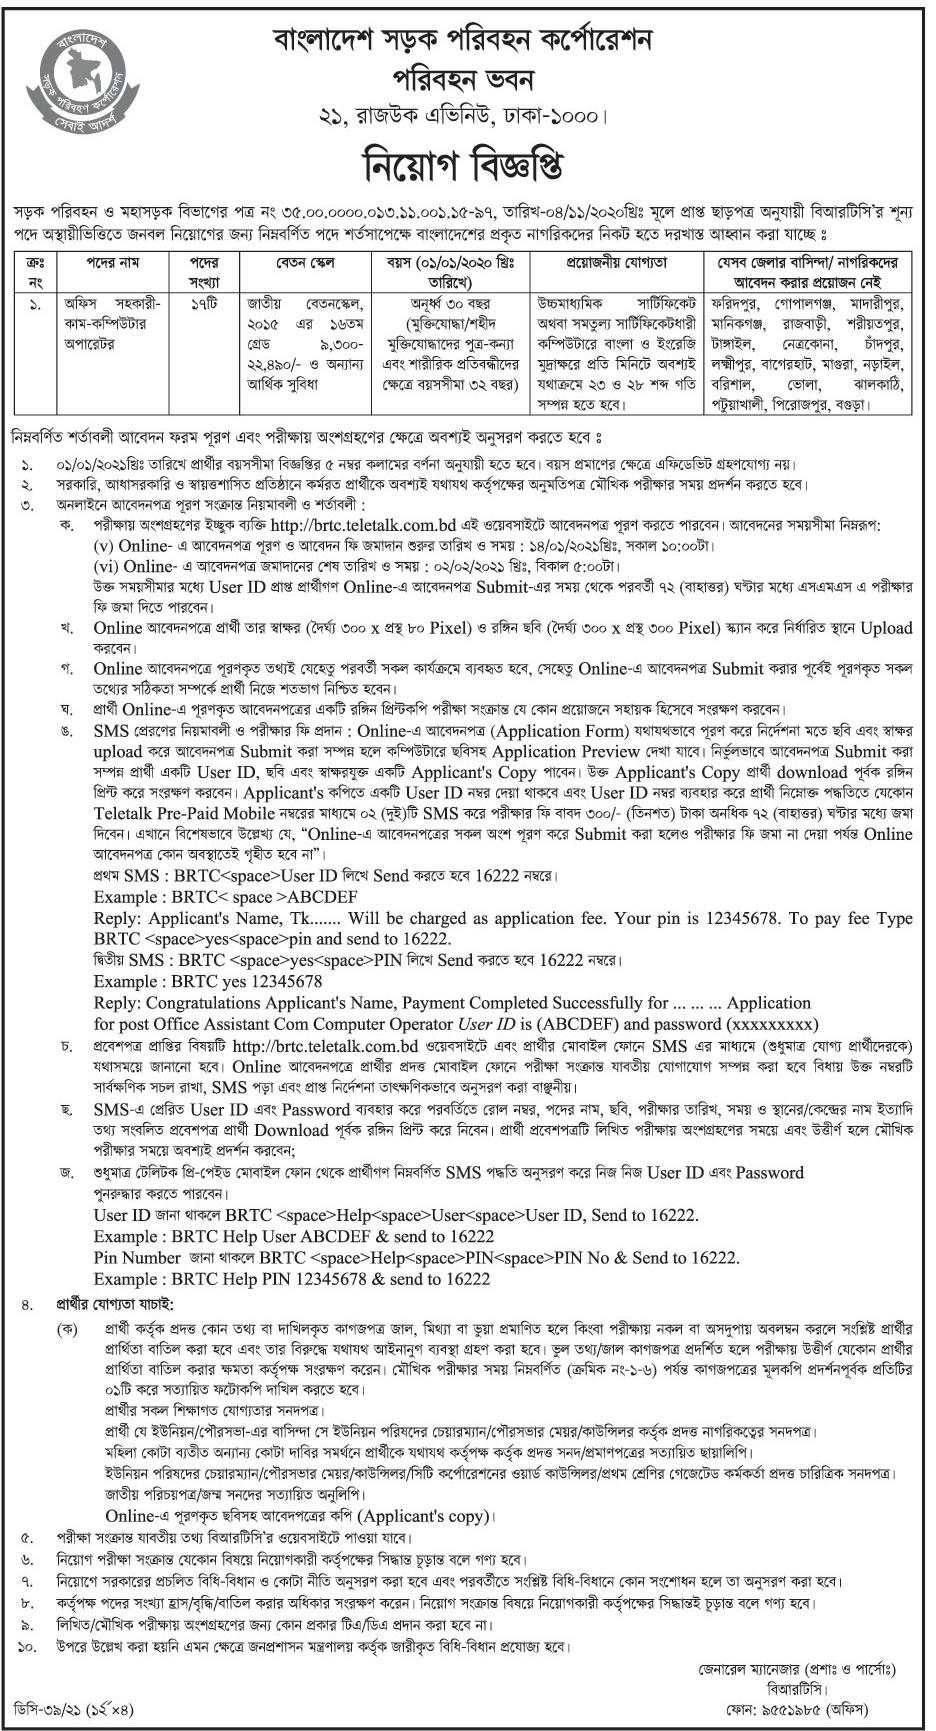 বাংলাদেশ সড়ক পরিবহন কর্পোরেশন (বিআরটিসি) নিয়োগ বিজ্ঞপ্তি ২০২১ - Bangladesh Road Transport Corporation (BRTC) Job Circular 2021